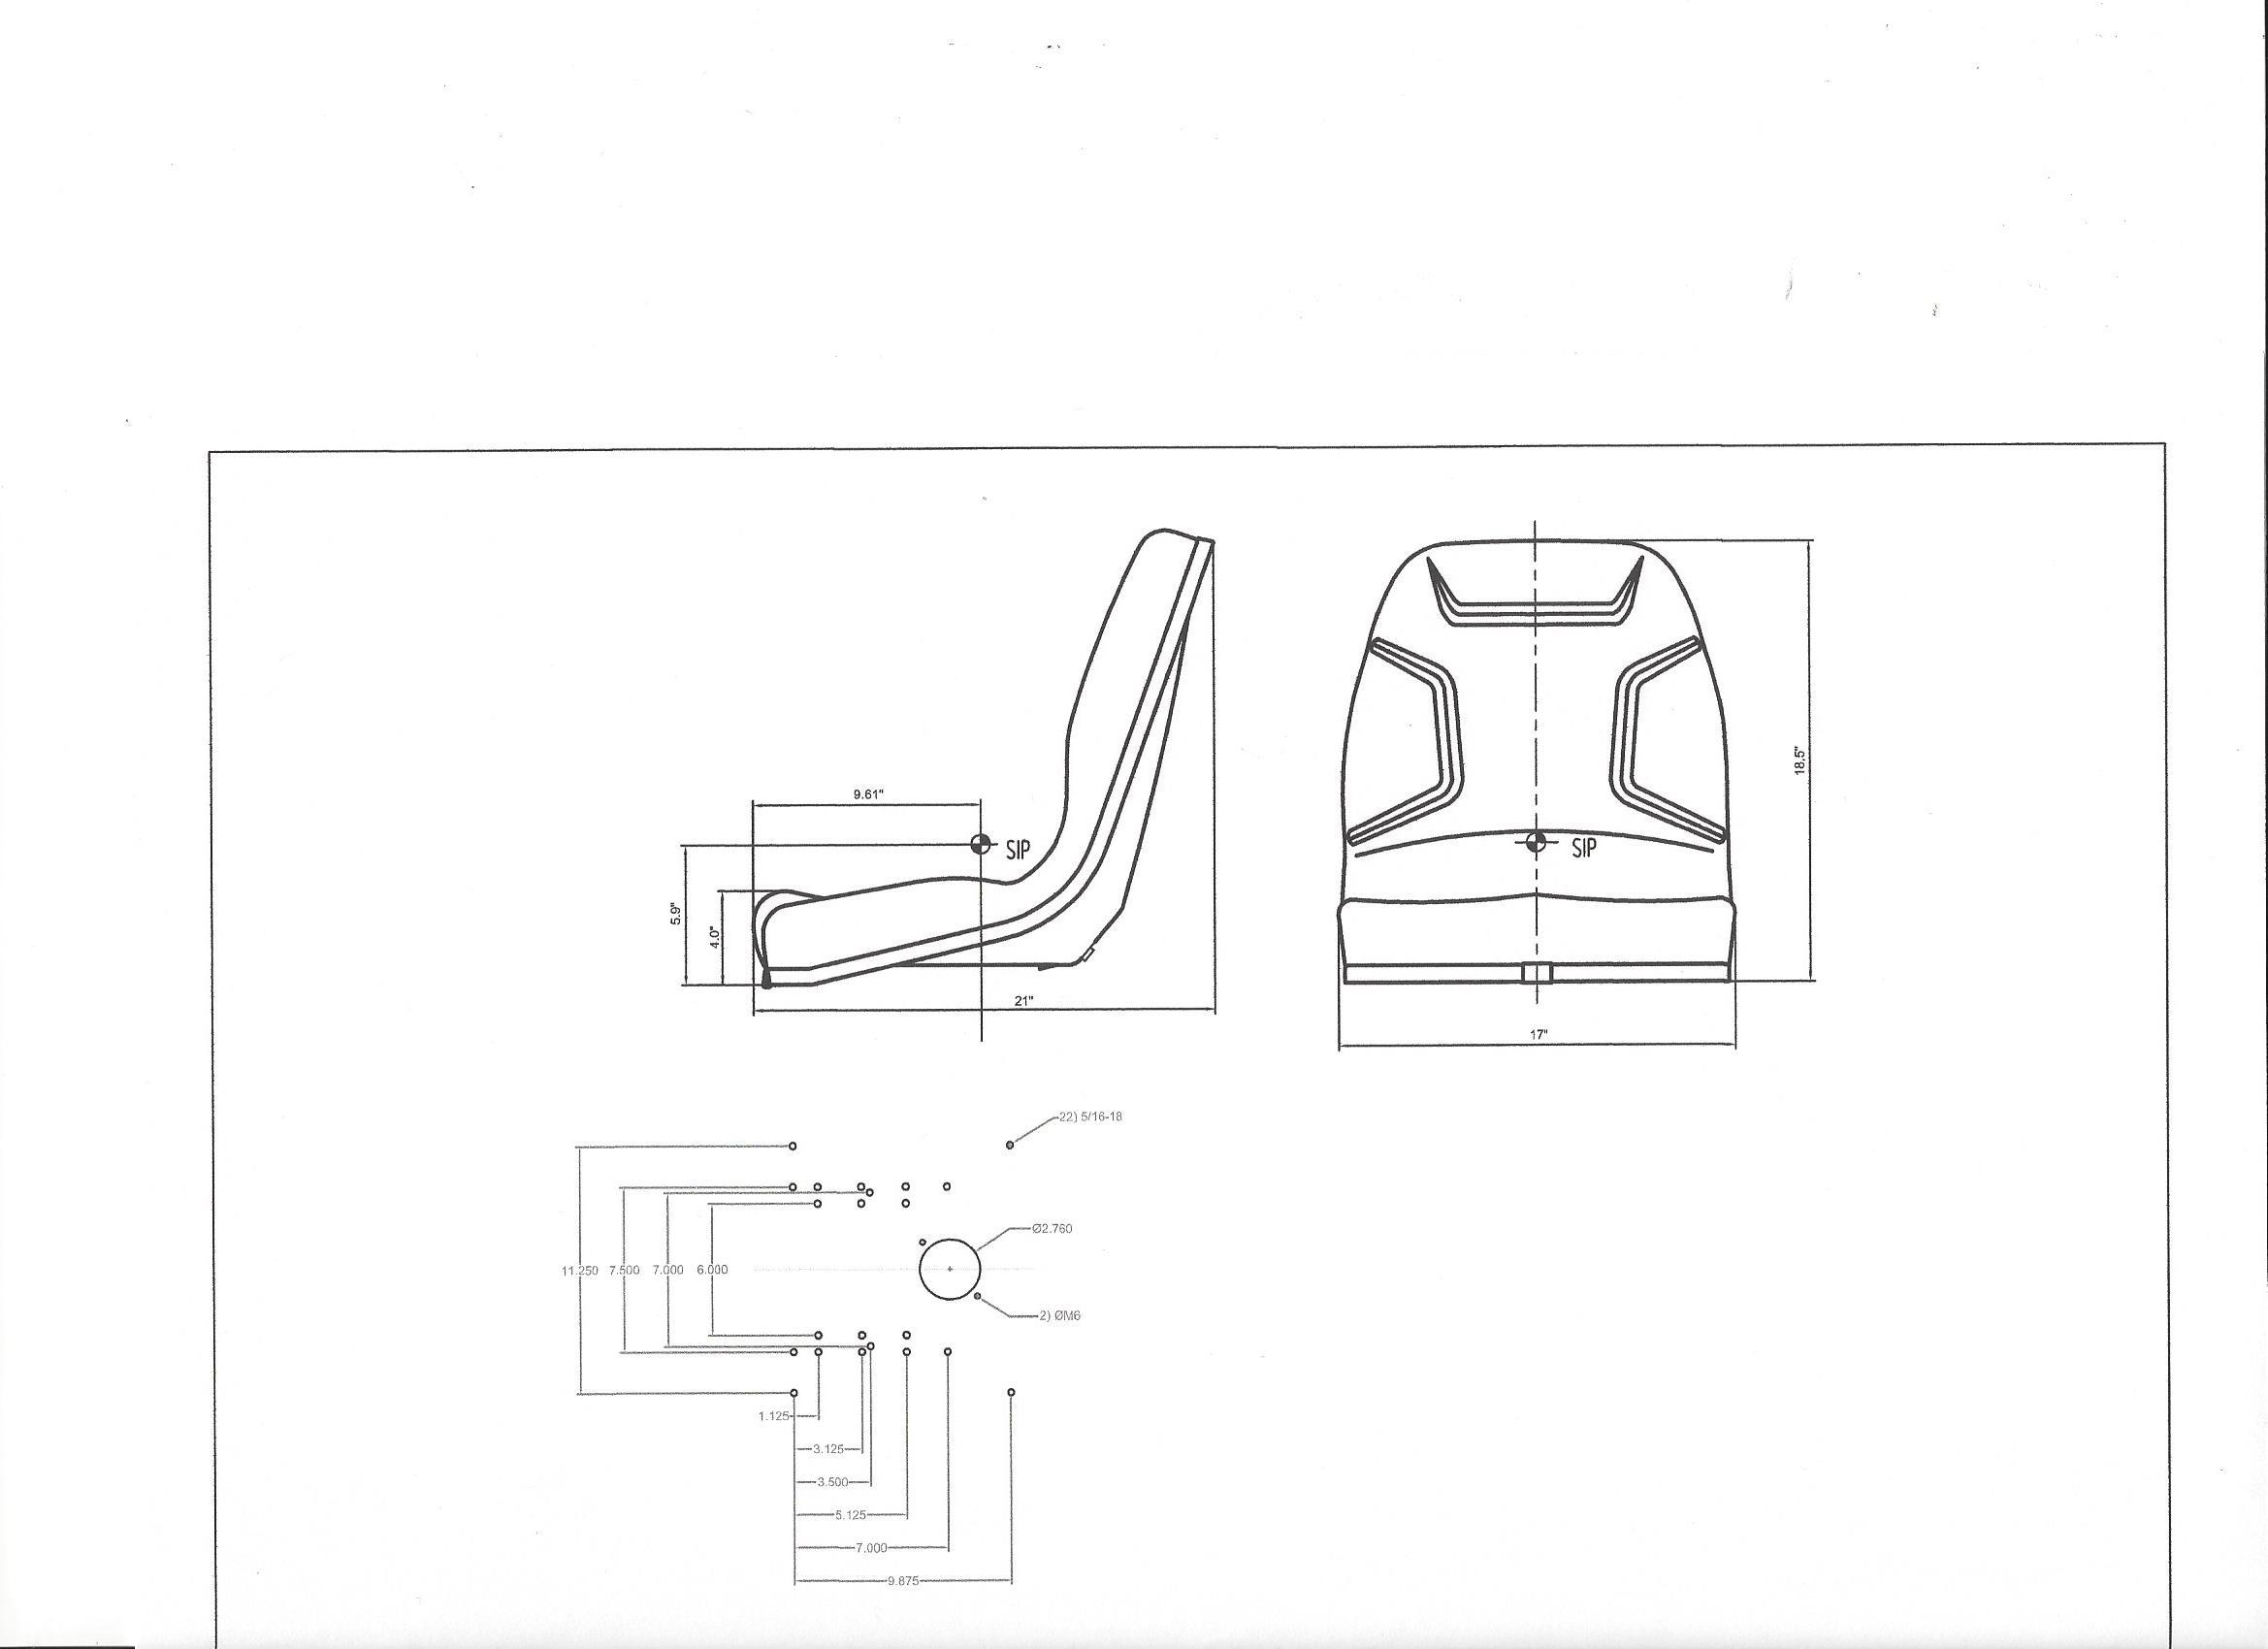 kioti tractor 1914 parts diagram